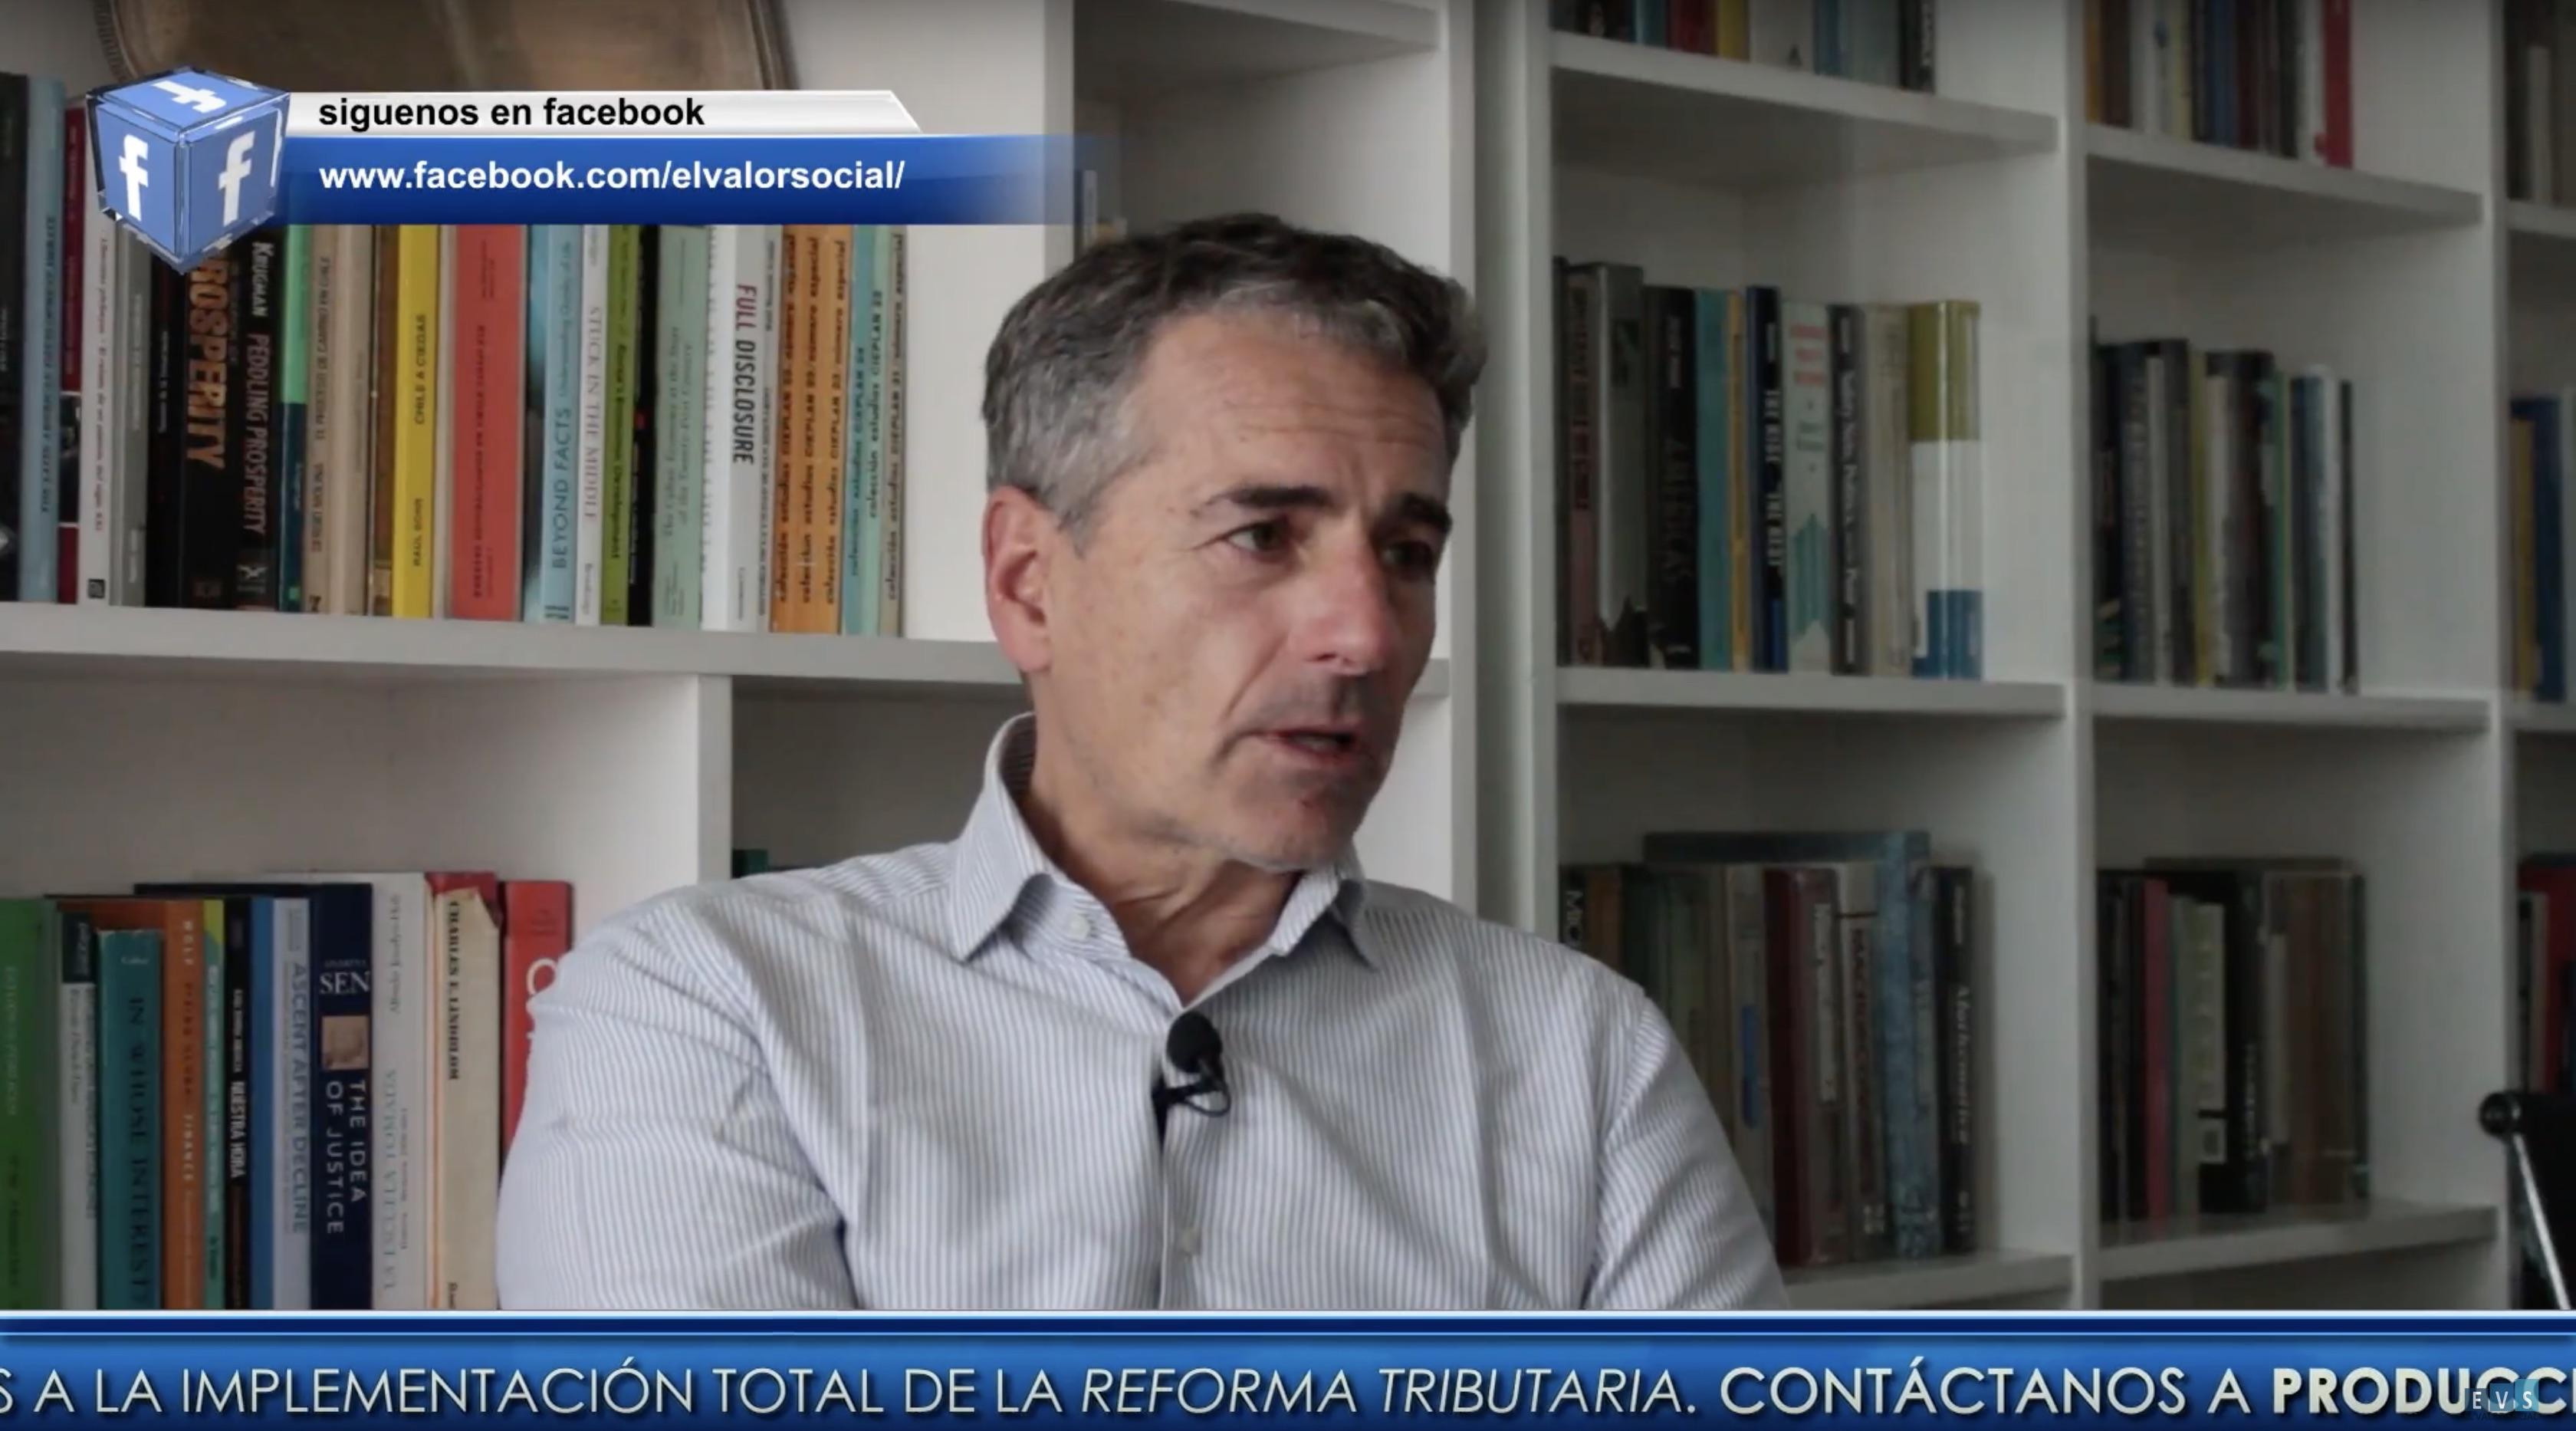 El Valor Social: Entrevista a Andrés Velasco